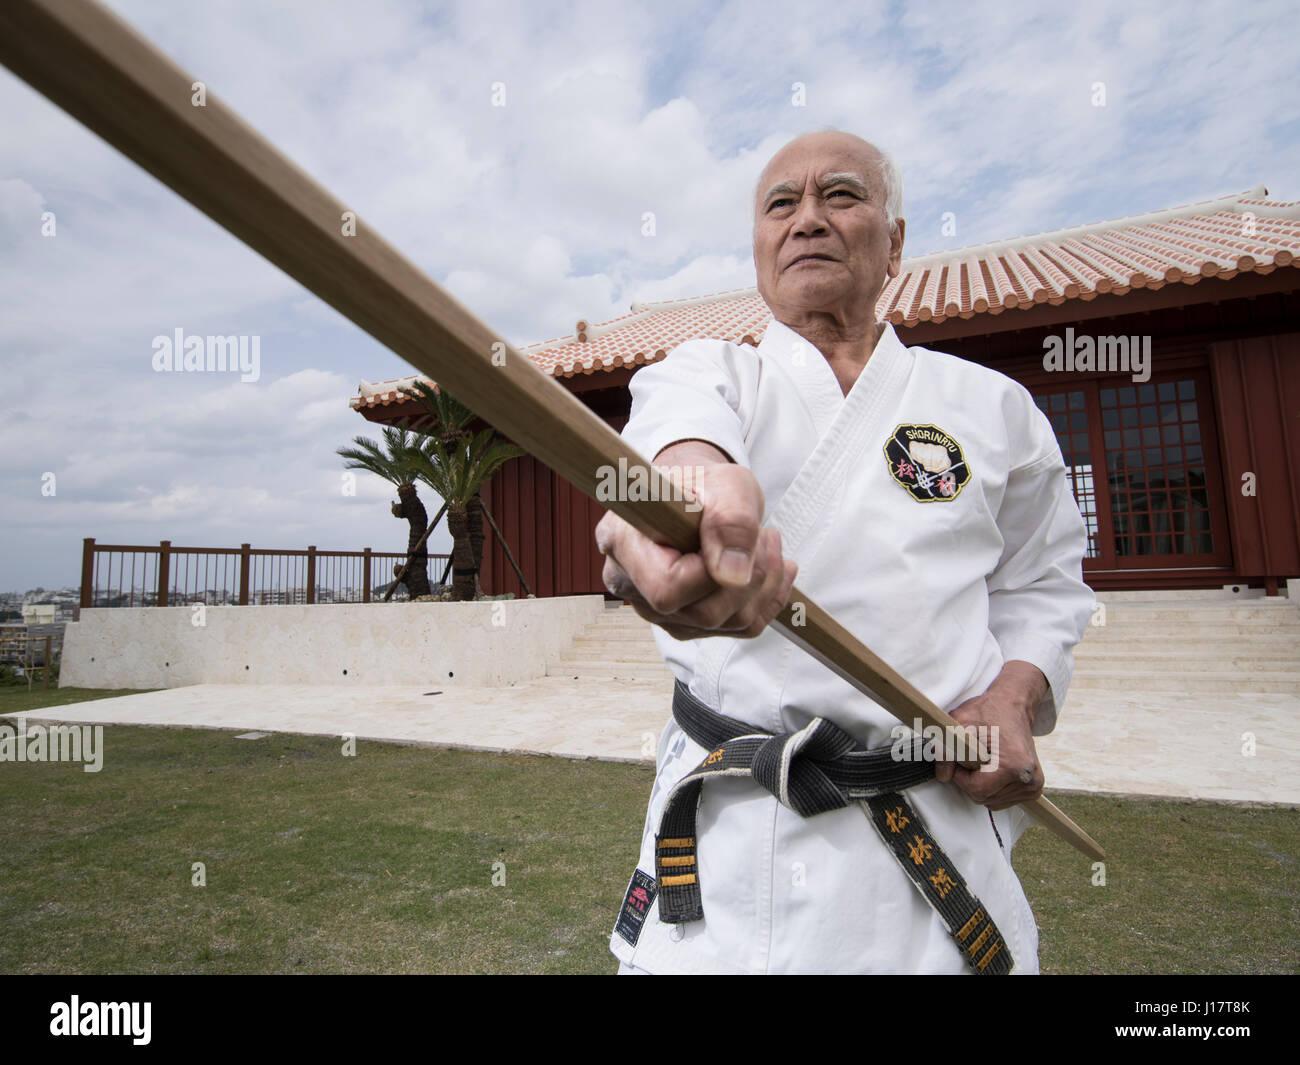 Maître Arakaki karaté sensei au 100 cas en karaté kata Kobudo Kaikan, Okinawa, Japon Photo Stock